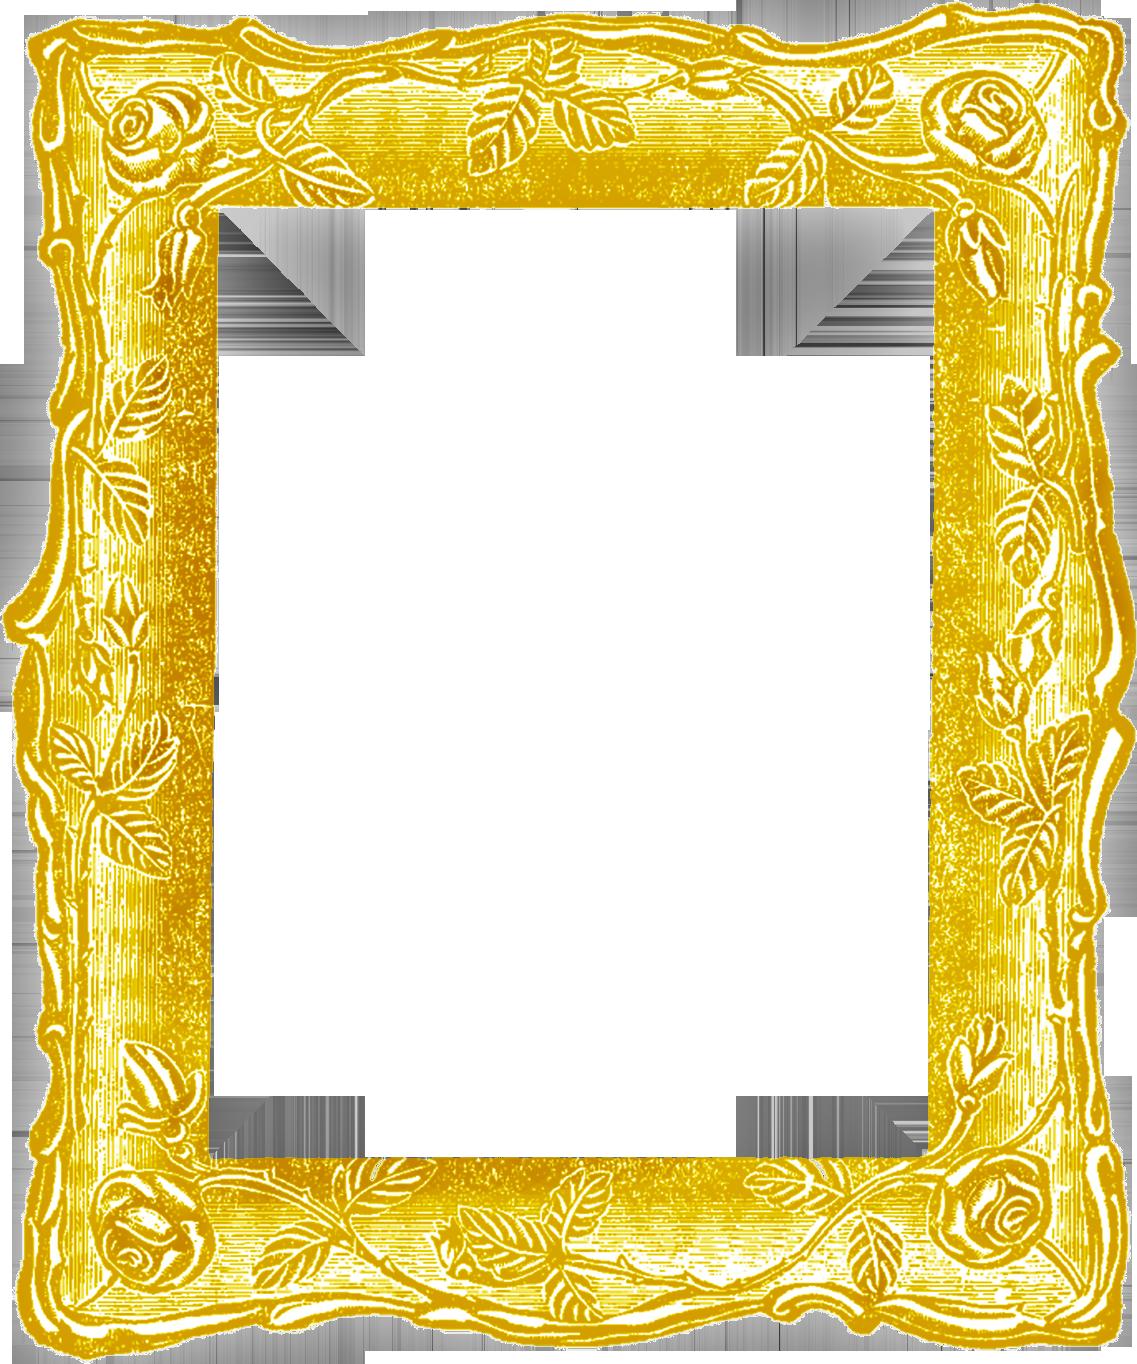 золотистая рамка для фото с именем этой категории